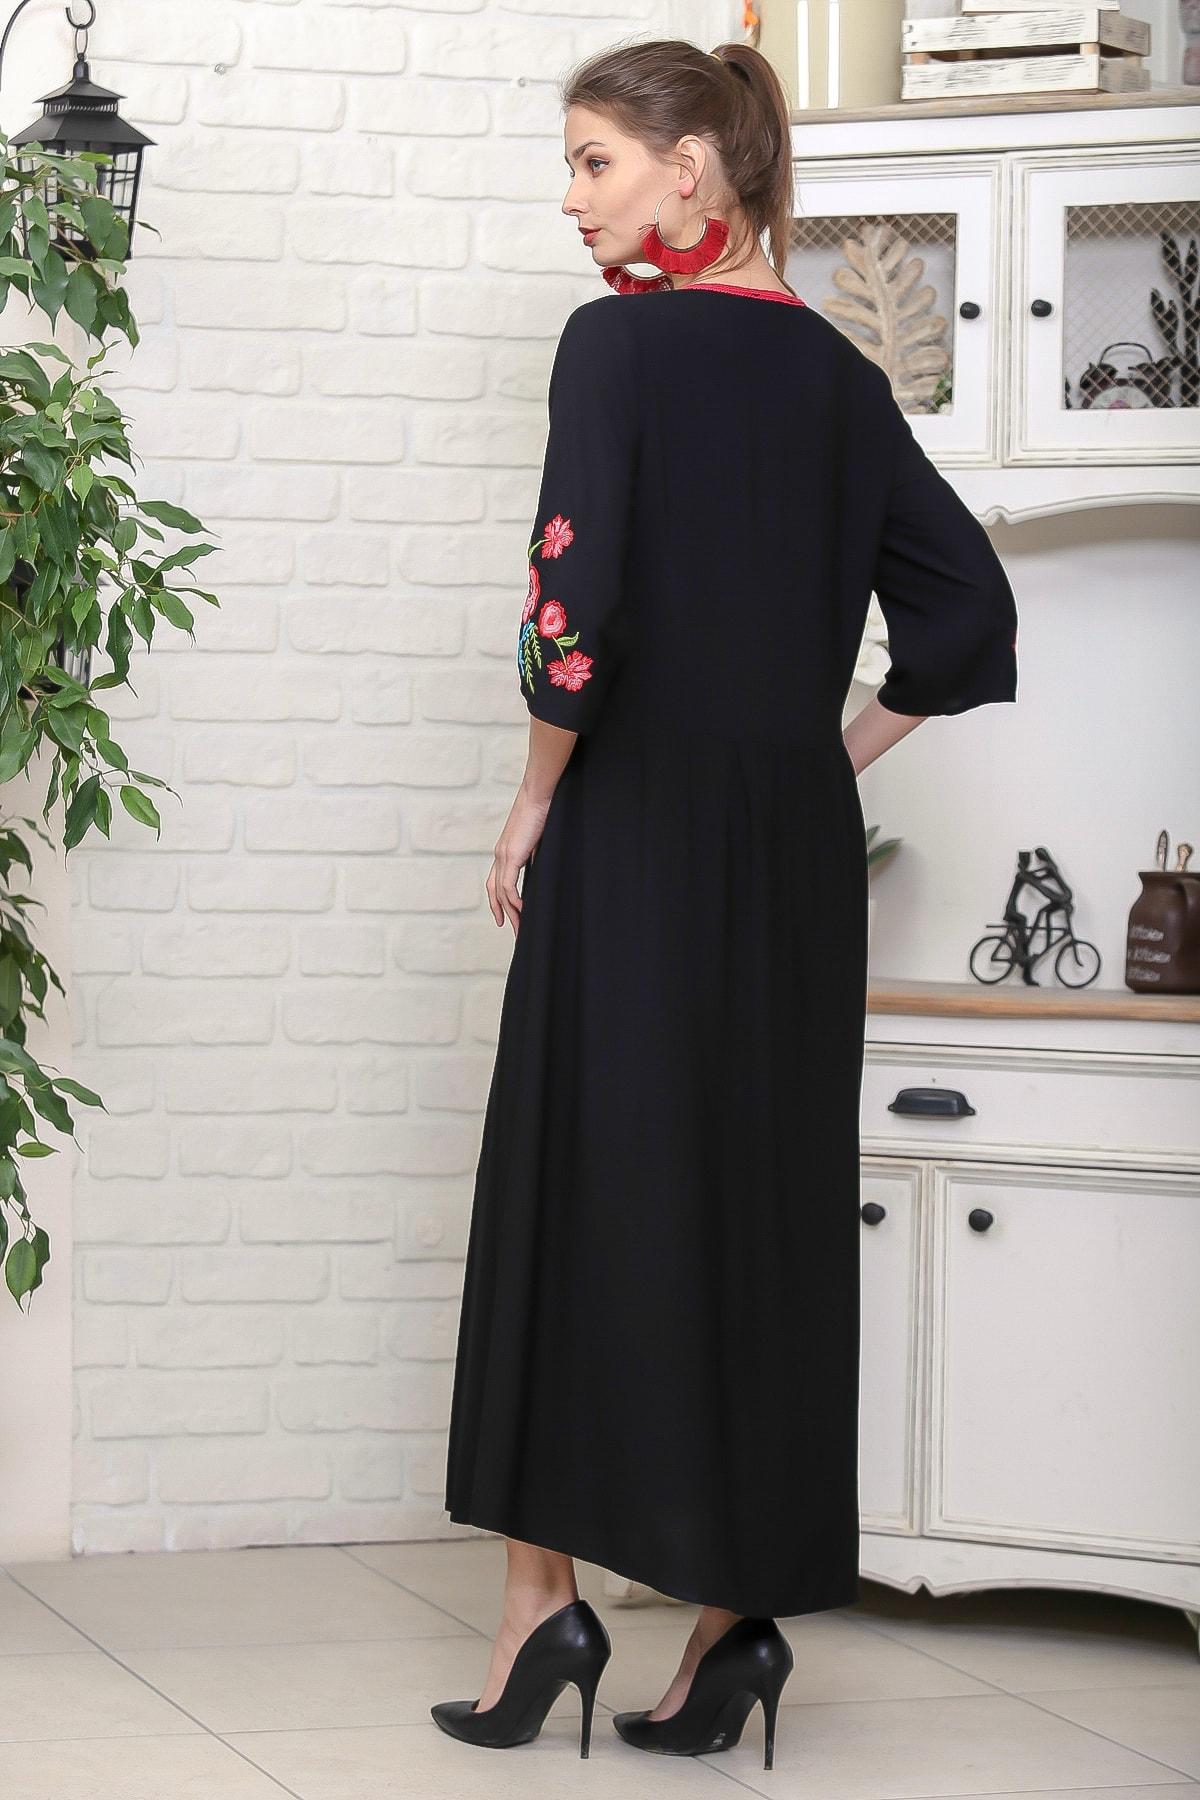 Chiccy Kadın Siyah Beli Ve Kolları Nakışlı Ponponlu Bağcıklı Salaş Dokuma Elbise M10160000EL95920 4